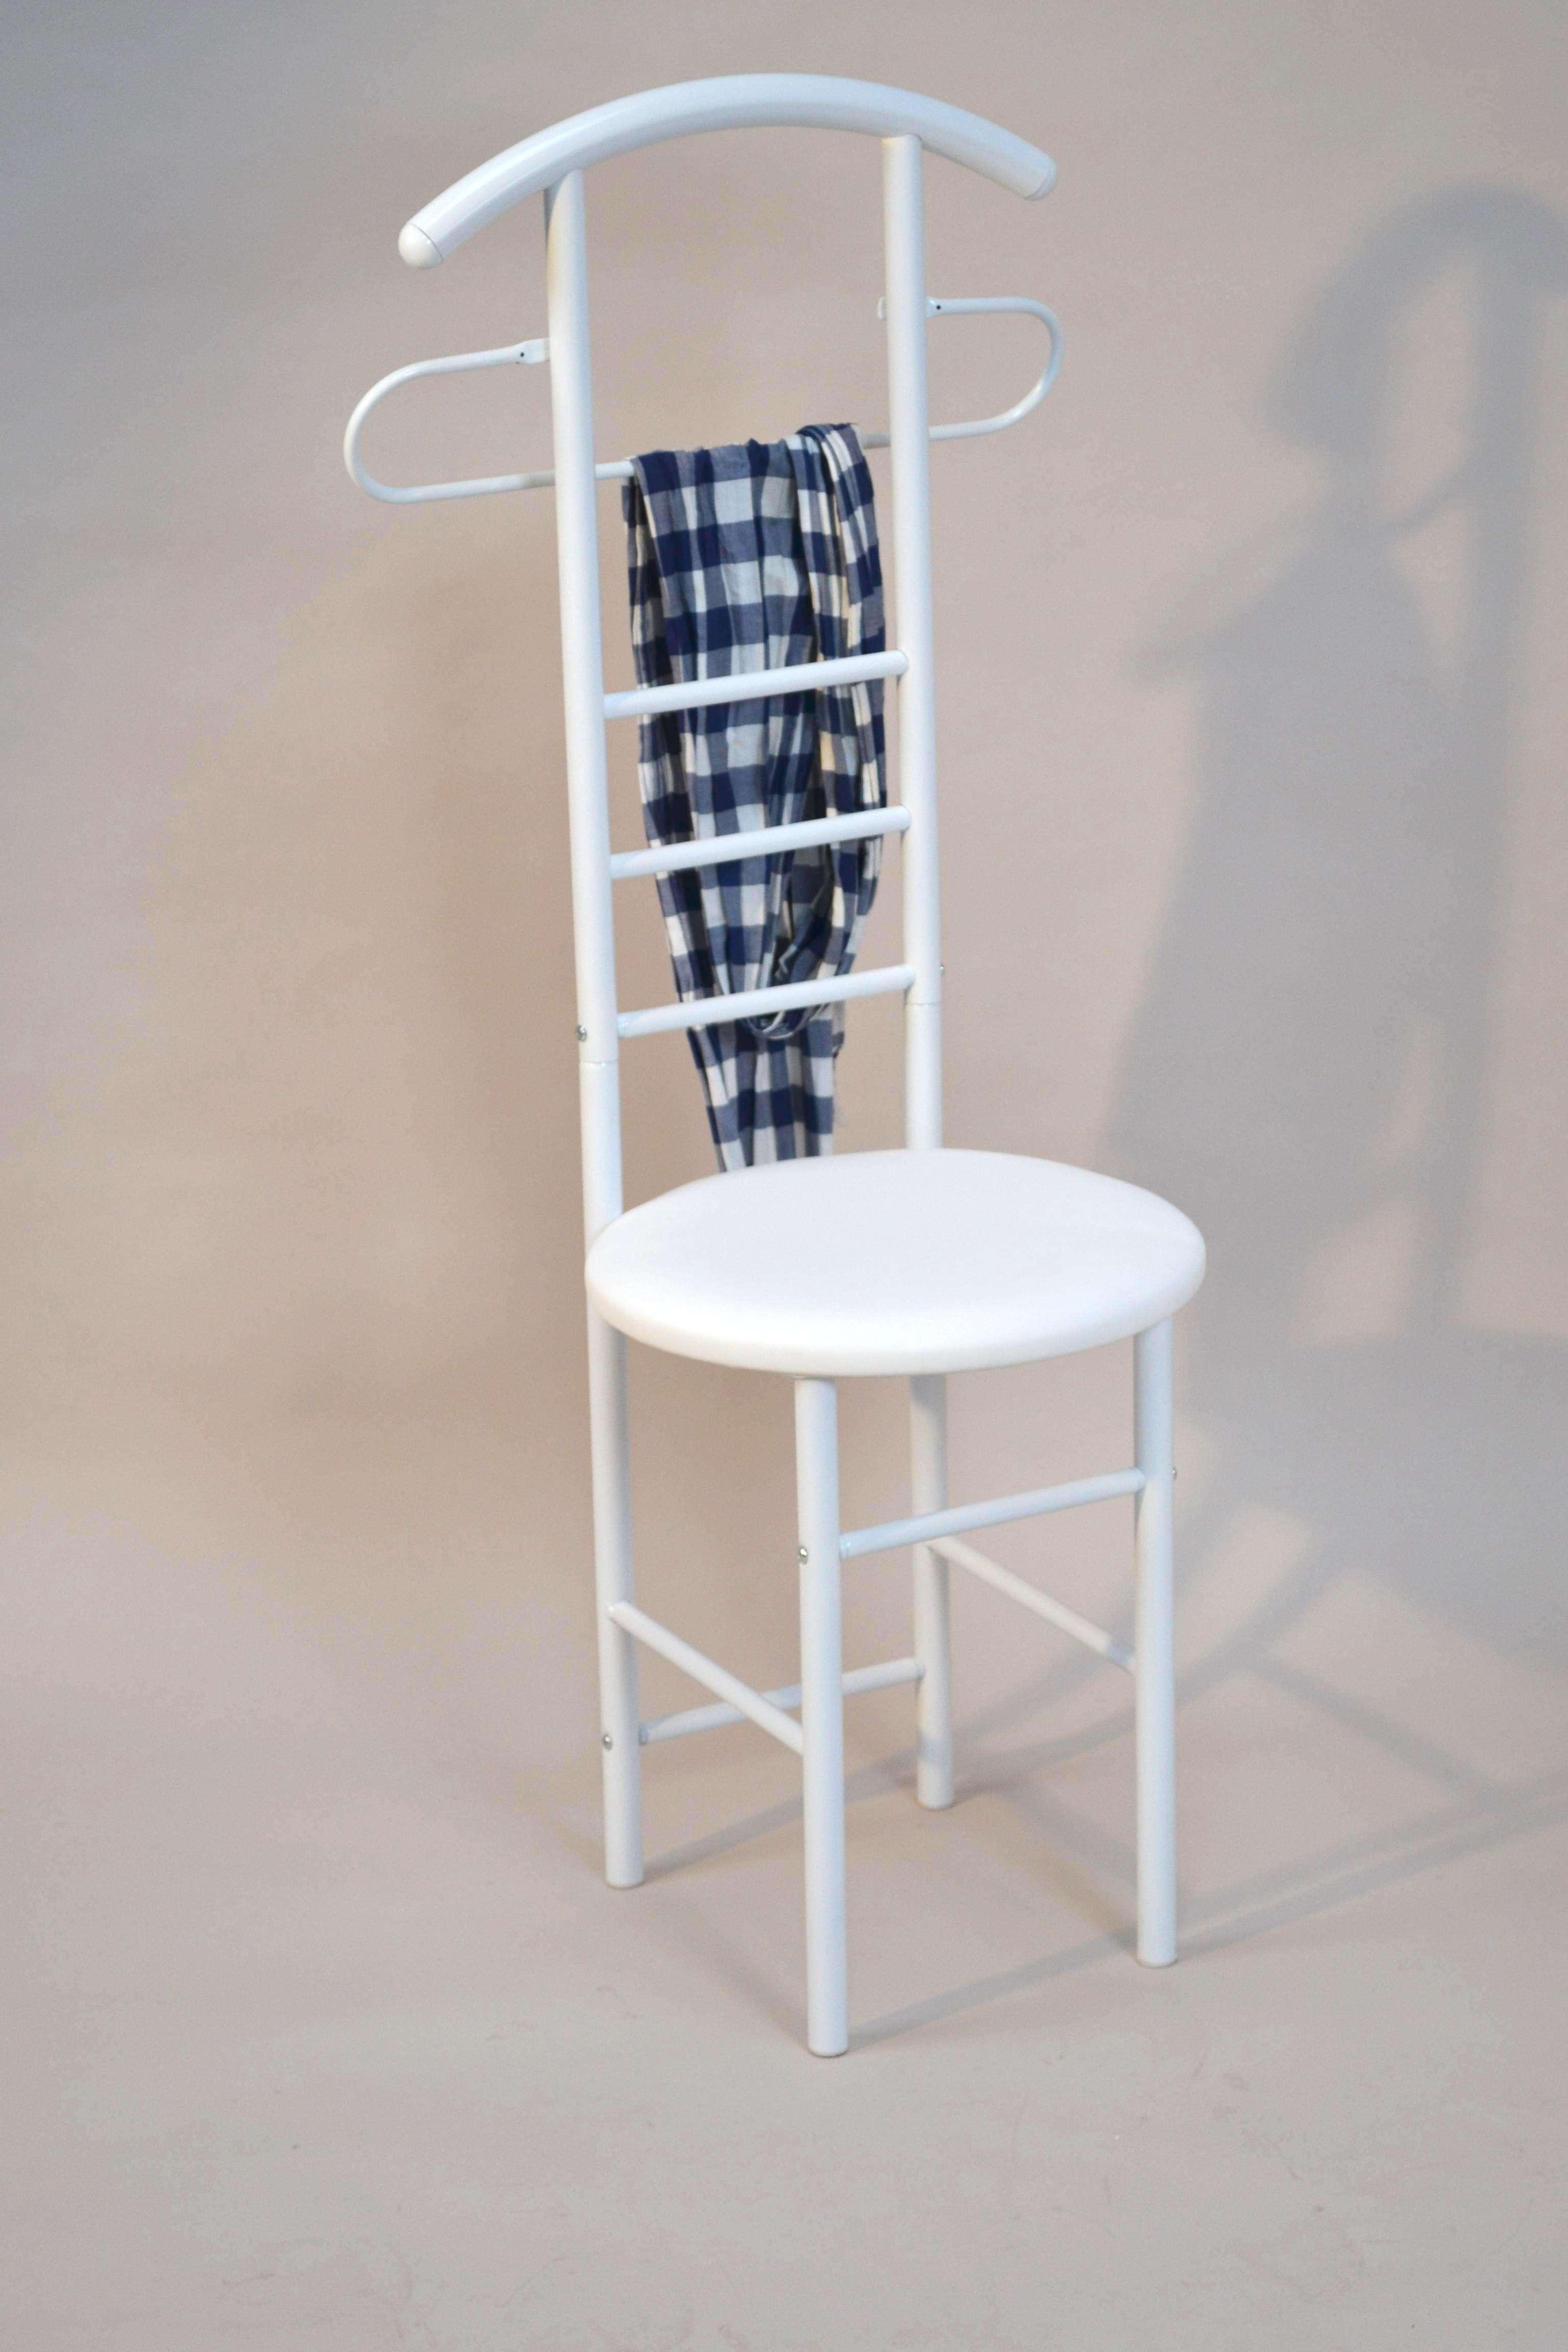 herrendiener stummer diener garderobe kleiderst nder wei mit sitz stahlrohr ebay. Black Bedroom Furniture Sets. Home Design Ideas